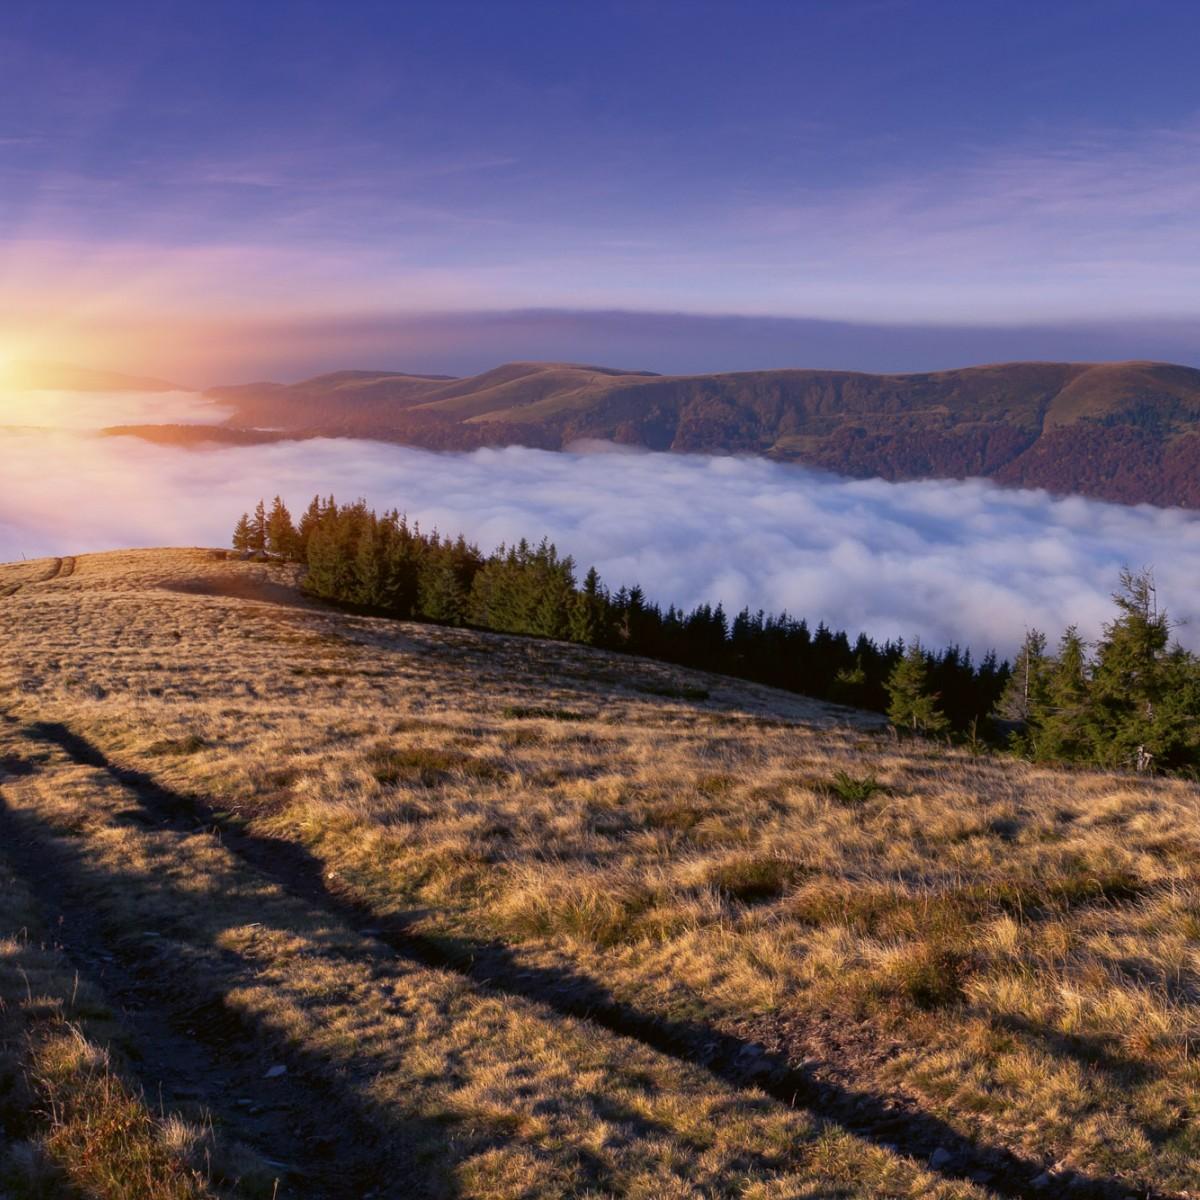 Foto tapet 3D Sunrise In Mountains, Dimex, 5 fâșii, 375 x 250cm